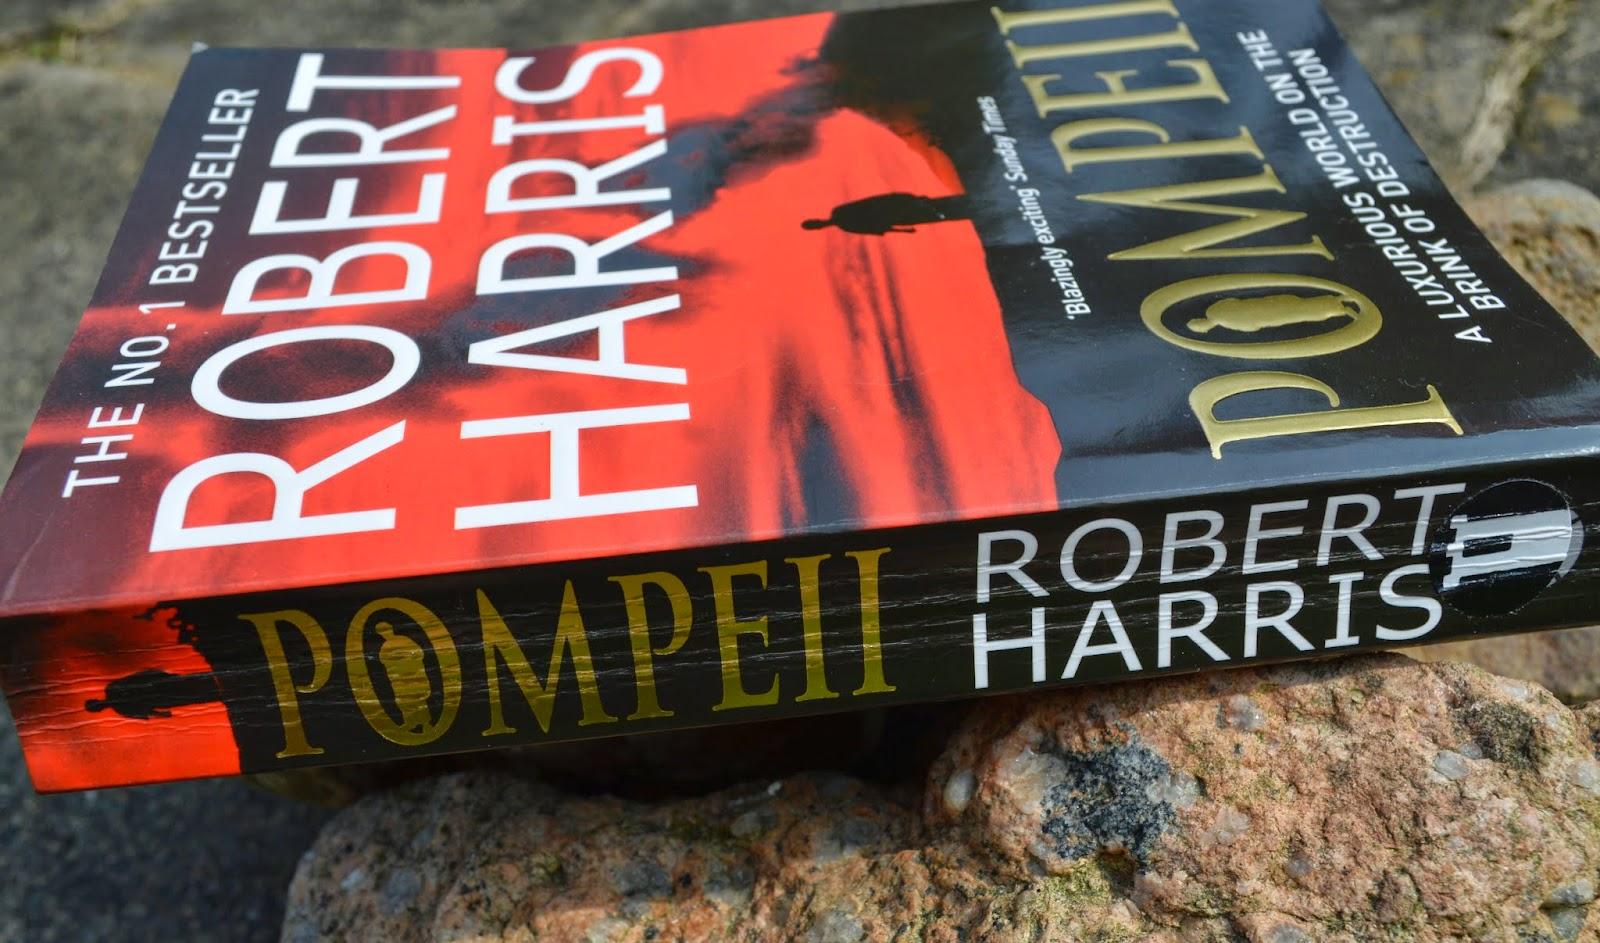 Pompeii, Robert Harris, Pompeii, Roman, historical fiction, aqueduct, Marcus Attilius, UK edition, paperback, book review, literature,